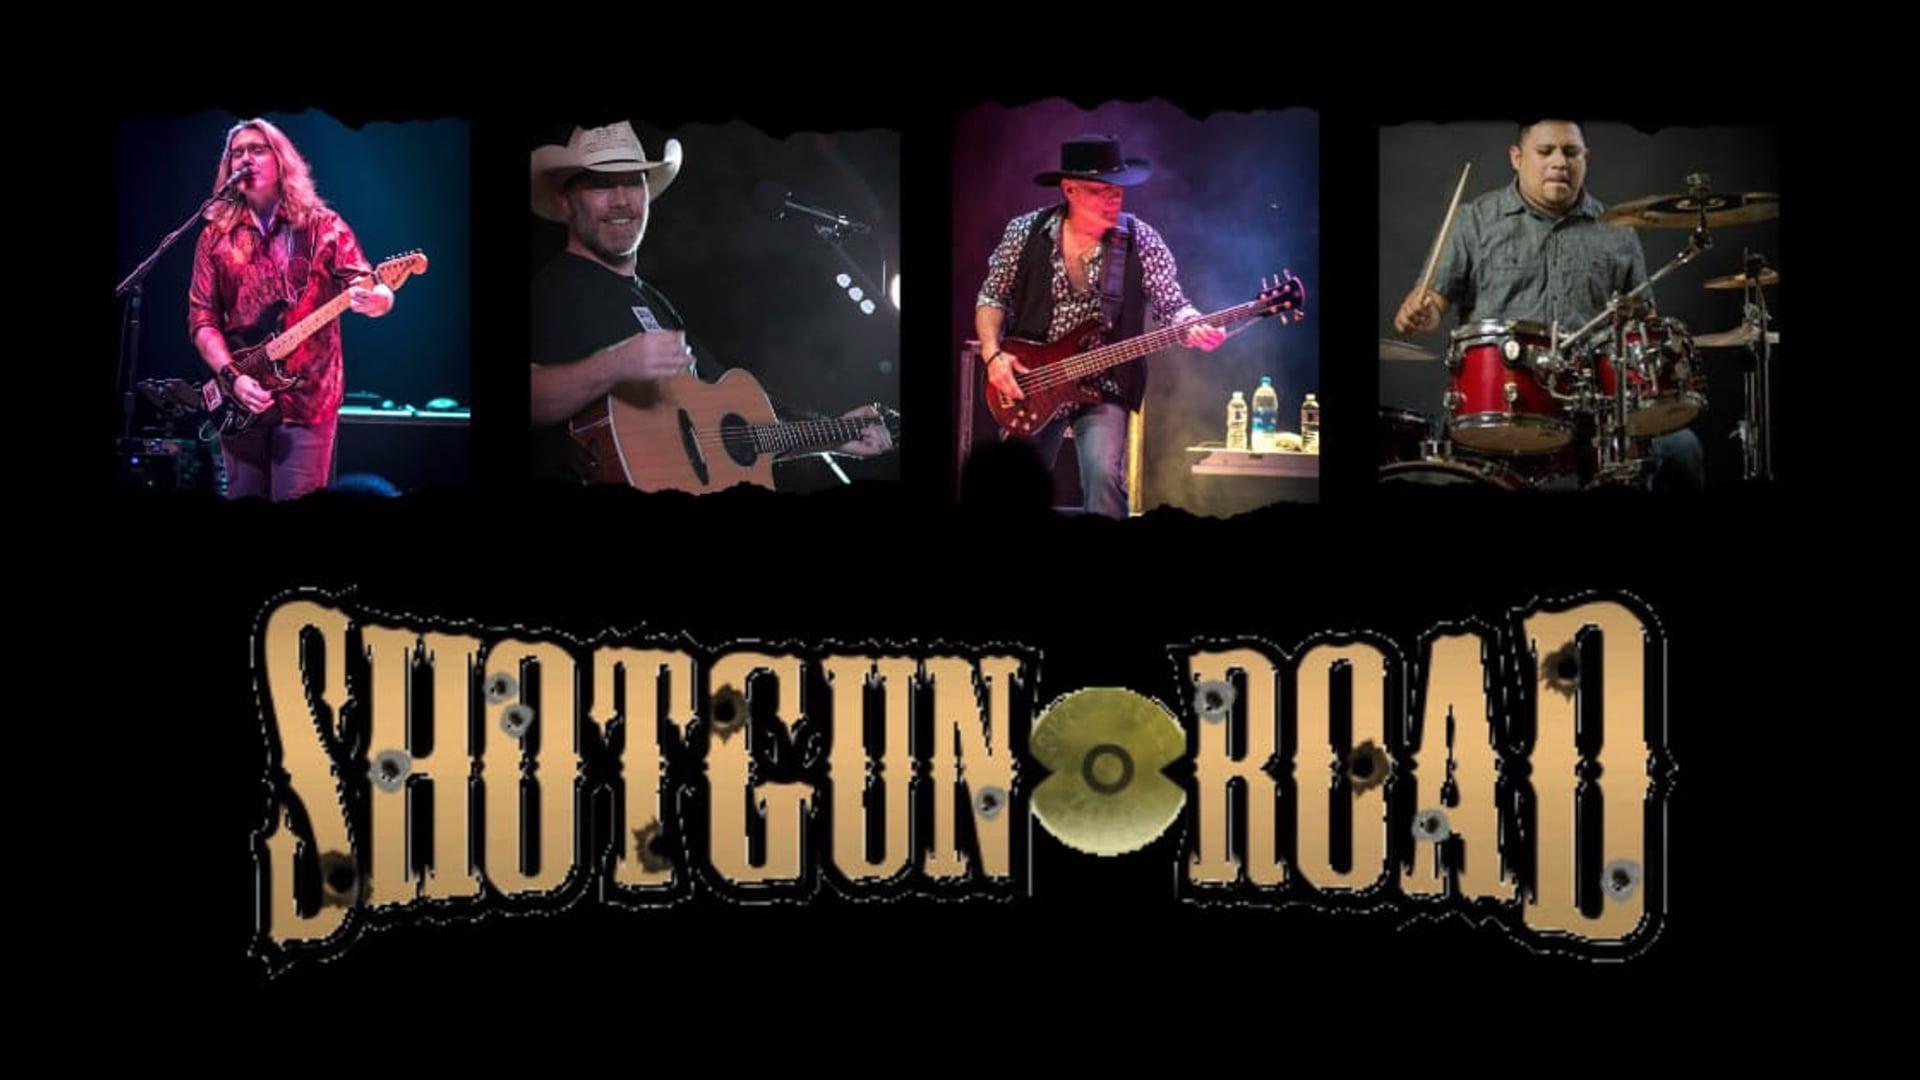 Ronnie Milsap Cover by Shotgun Road